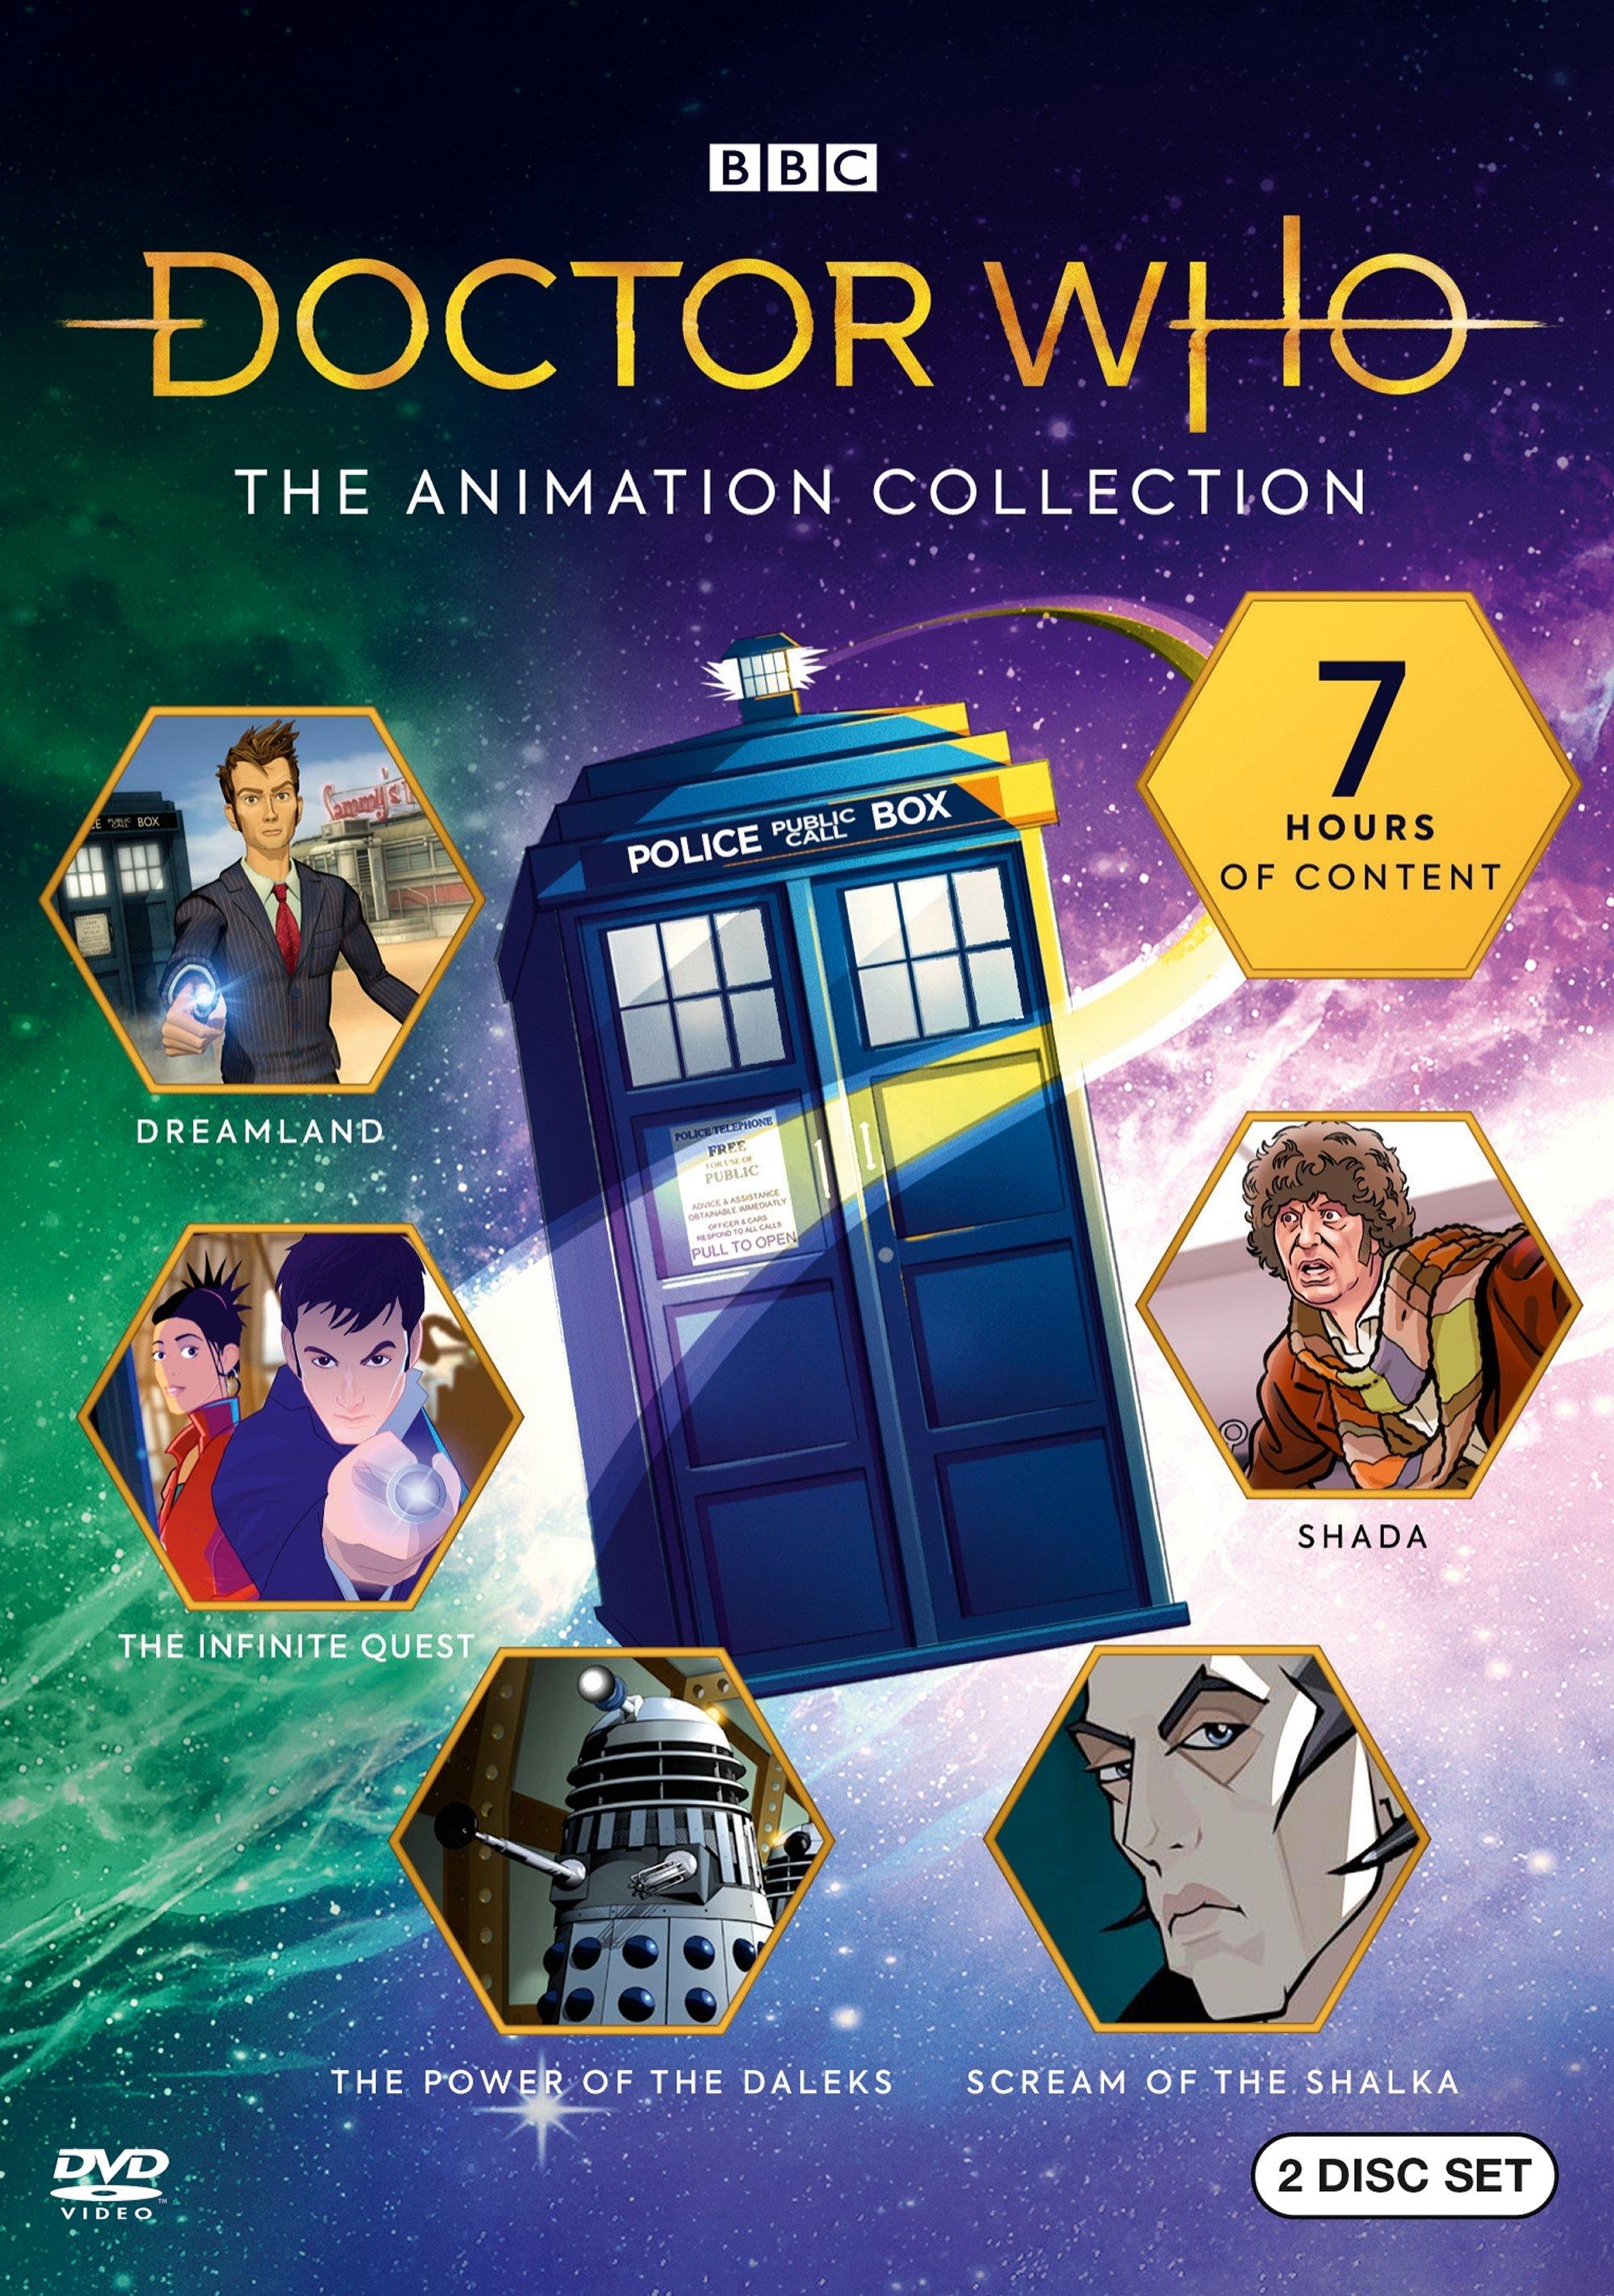 """Okładka zbioru animowanych przygód """"Doctor Who: The Animation Collection"""""""